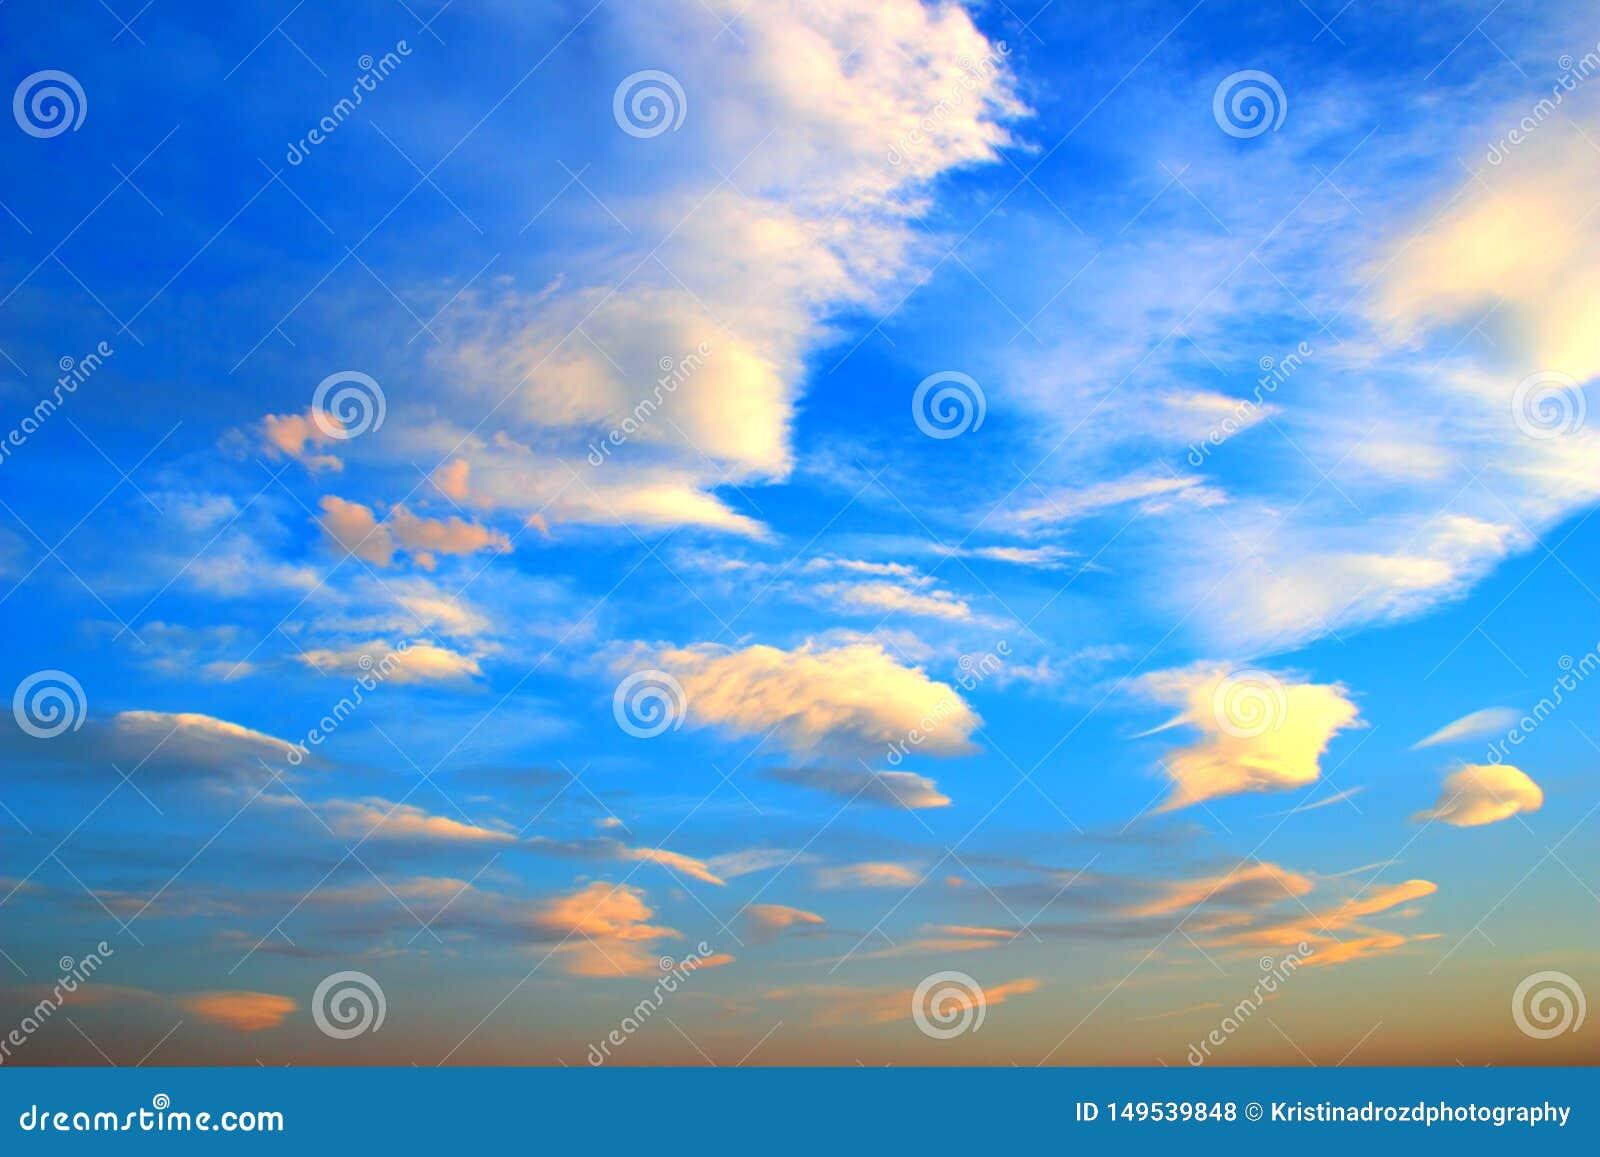 Ciel bleu avec beaucoup de petits nuages pendant le coucher du soleil